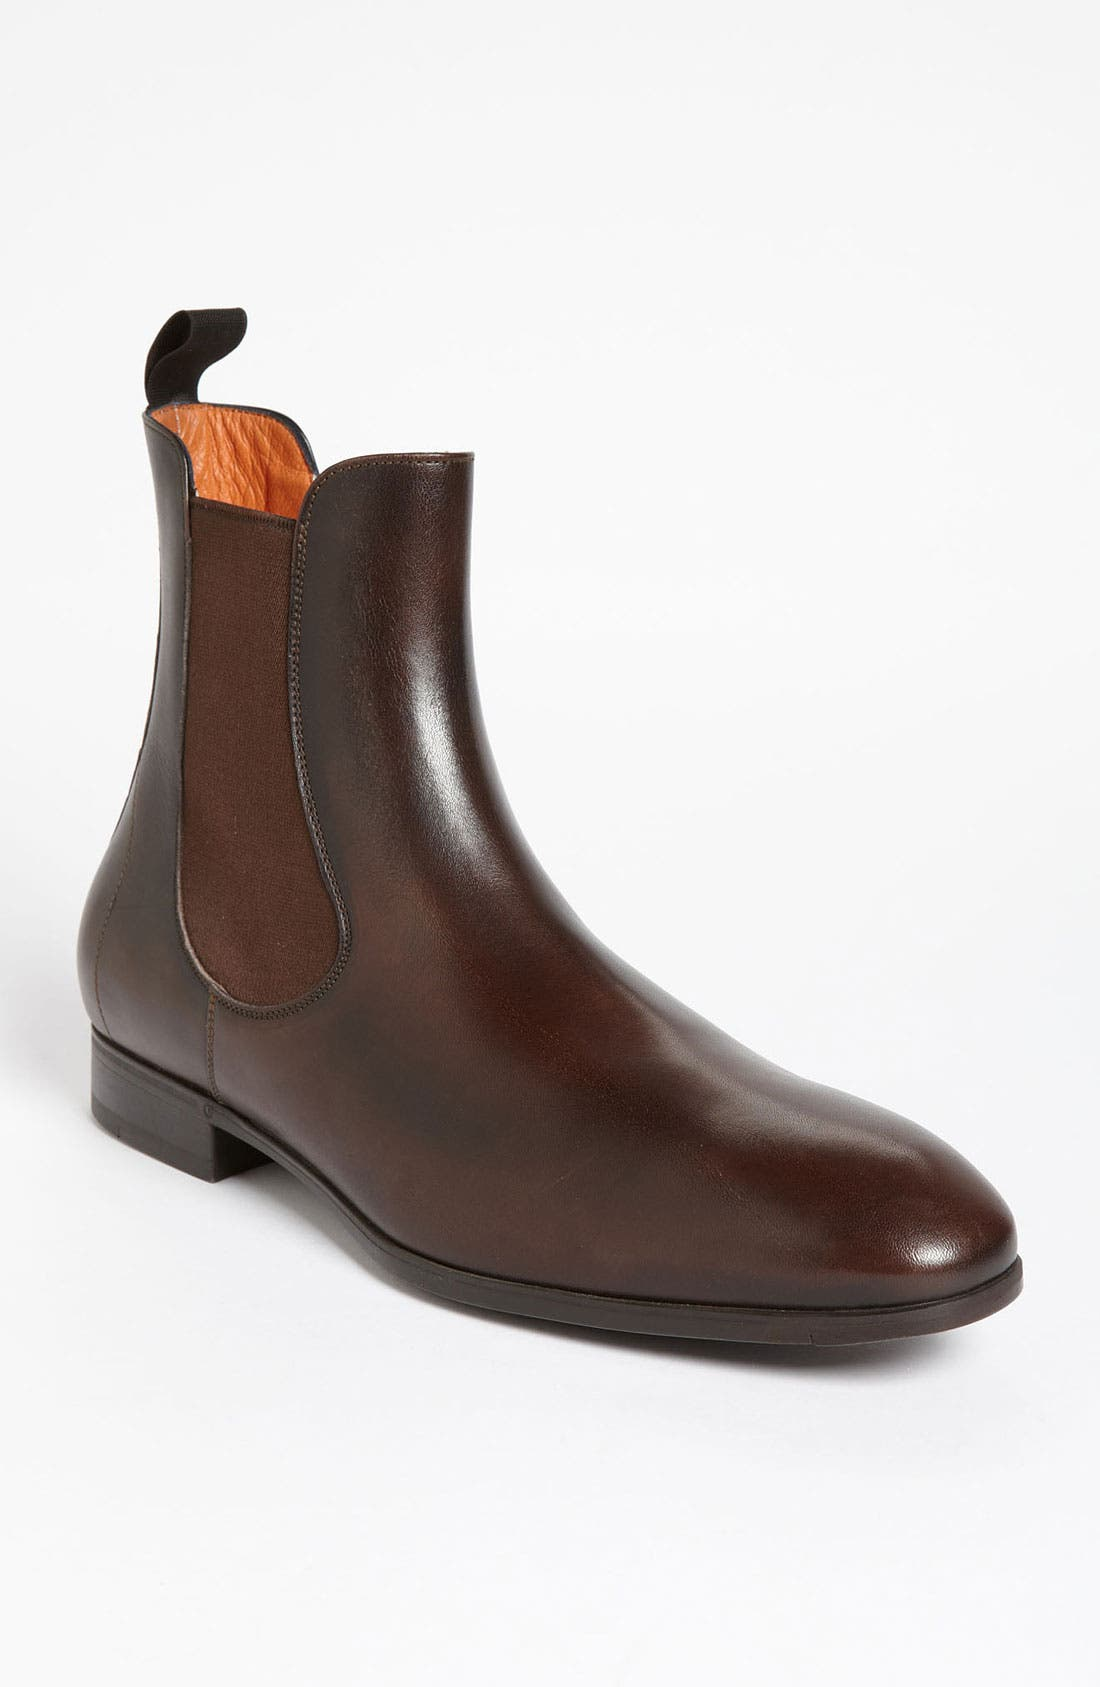 Alternate Image 1 Selected - Santoni 'Shipley' Chelsea Boot